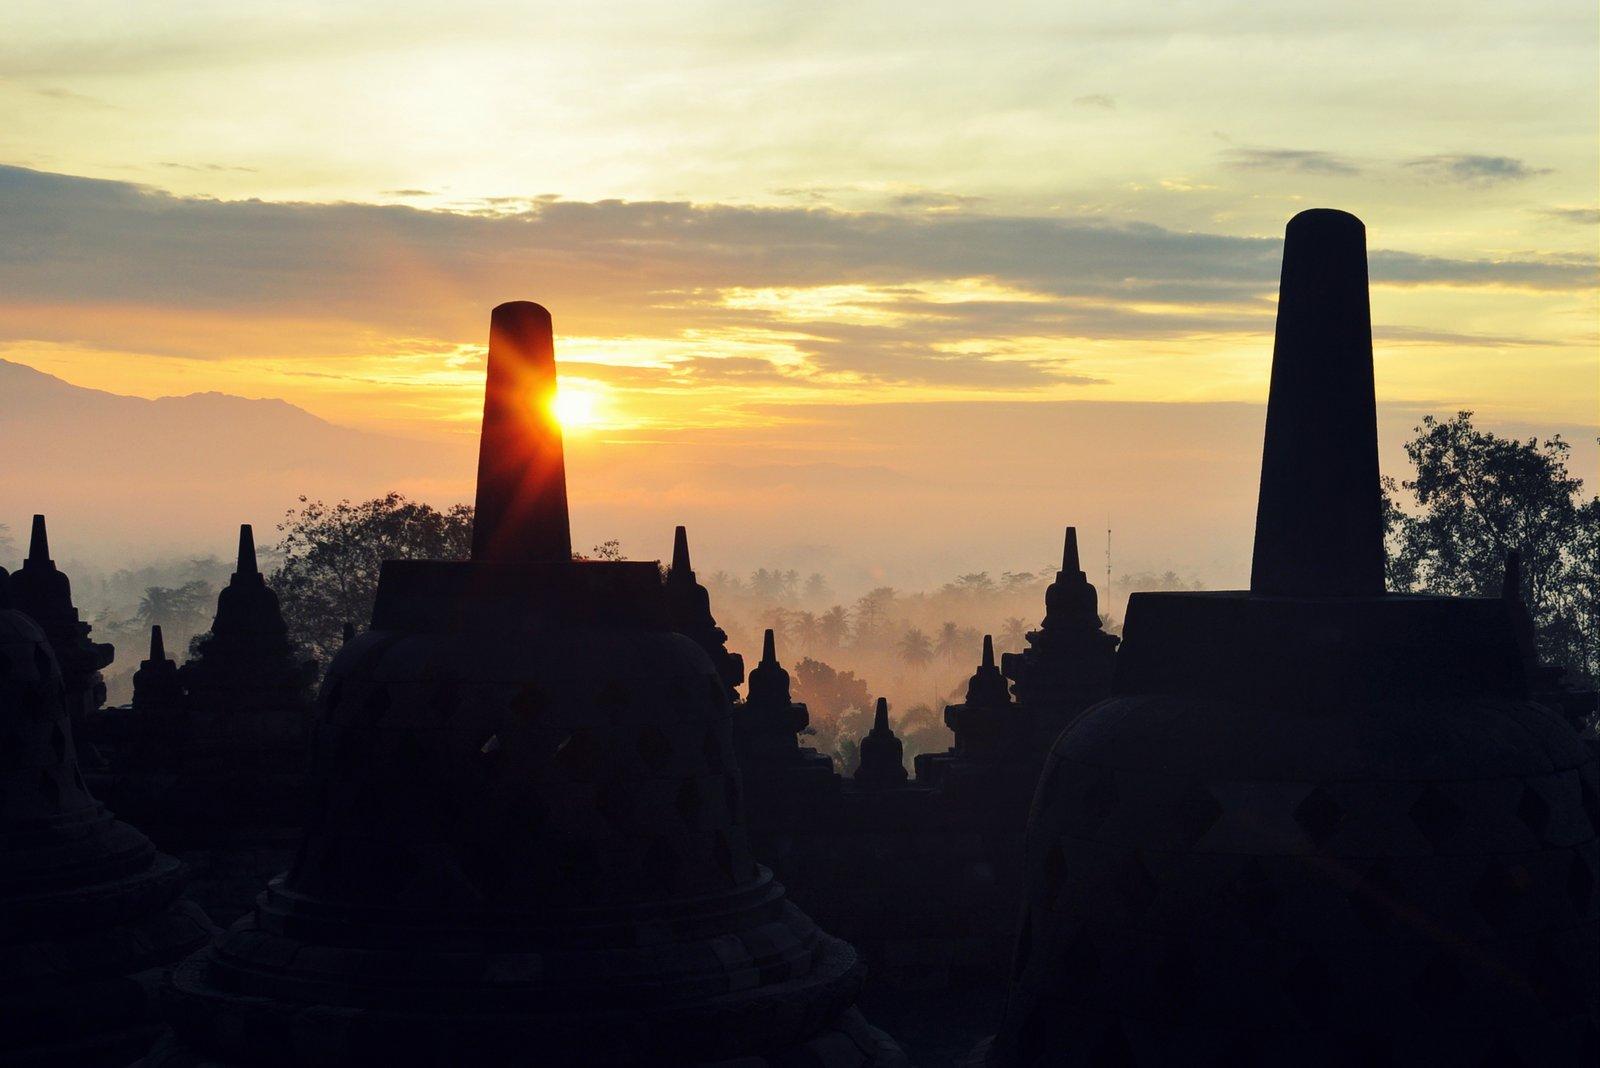 Amanecer sobre el Templo Borobudur en Indonesia